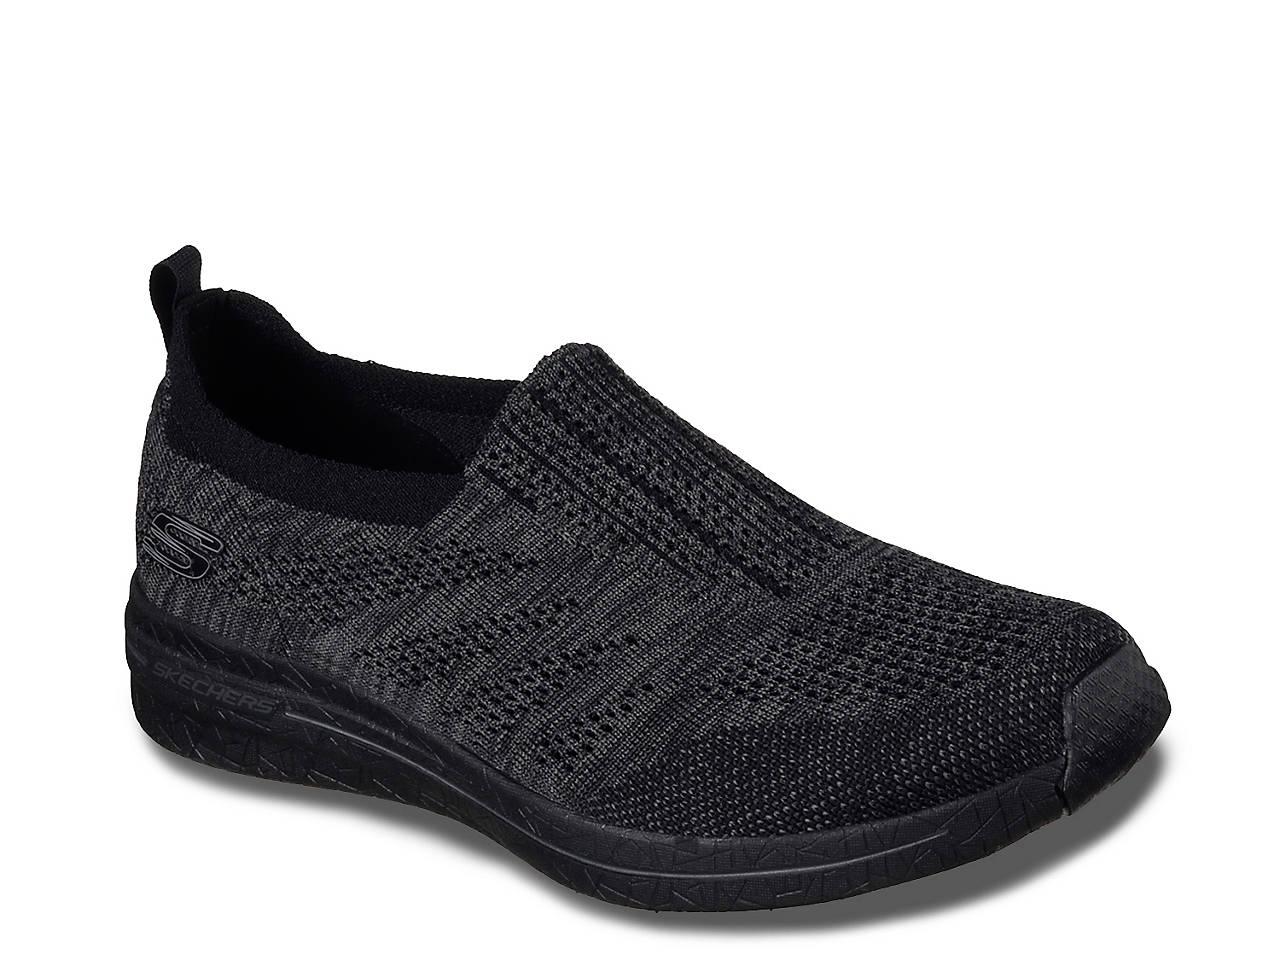 bbb003530ad38 Skechers Burst 2 Haviture Slip-On Sneaker Men's Shoes | DSW